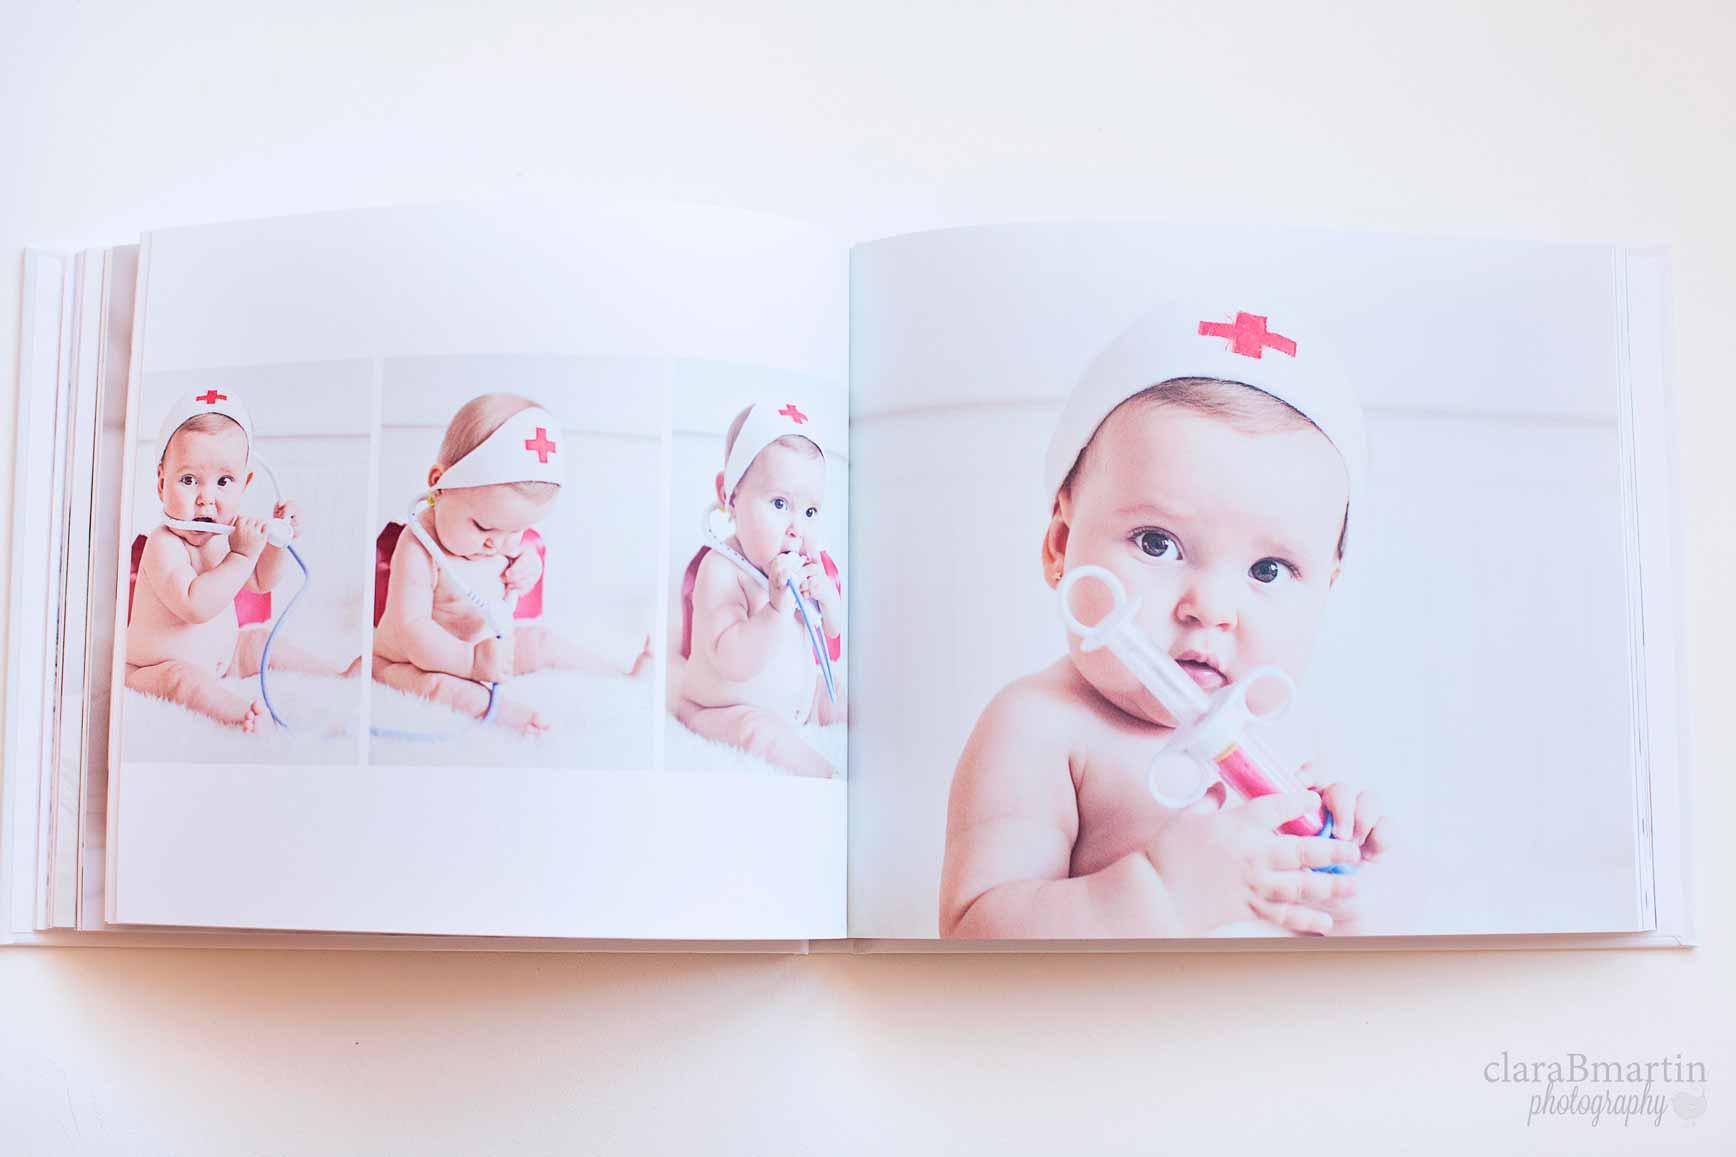 Libro_primer_añoclaraBmartin14